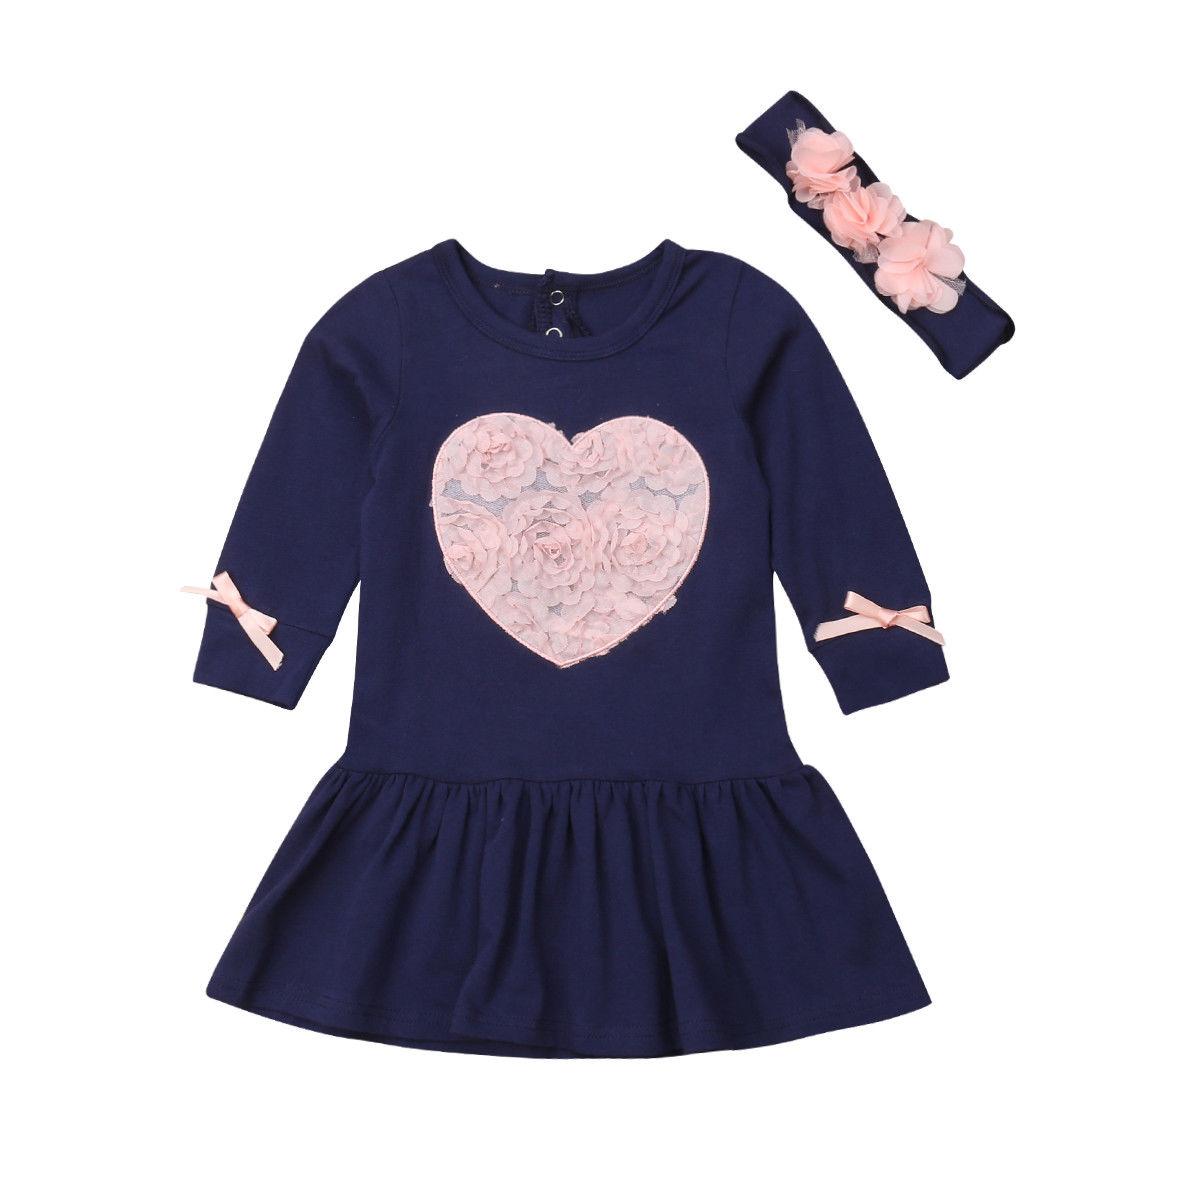 0-24 M Nette Neugeborene Baby Mädchen Langarm Herz Blume Prinzessin Mädchen Baumwolle Mini Kleid Stirnband 2 Pcs Baby Kleidung